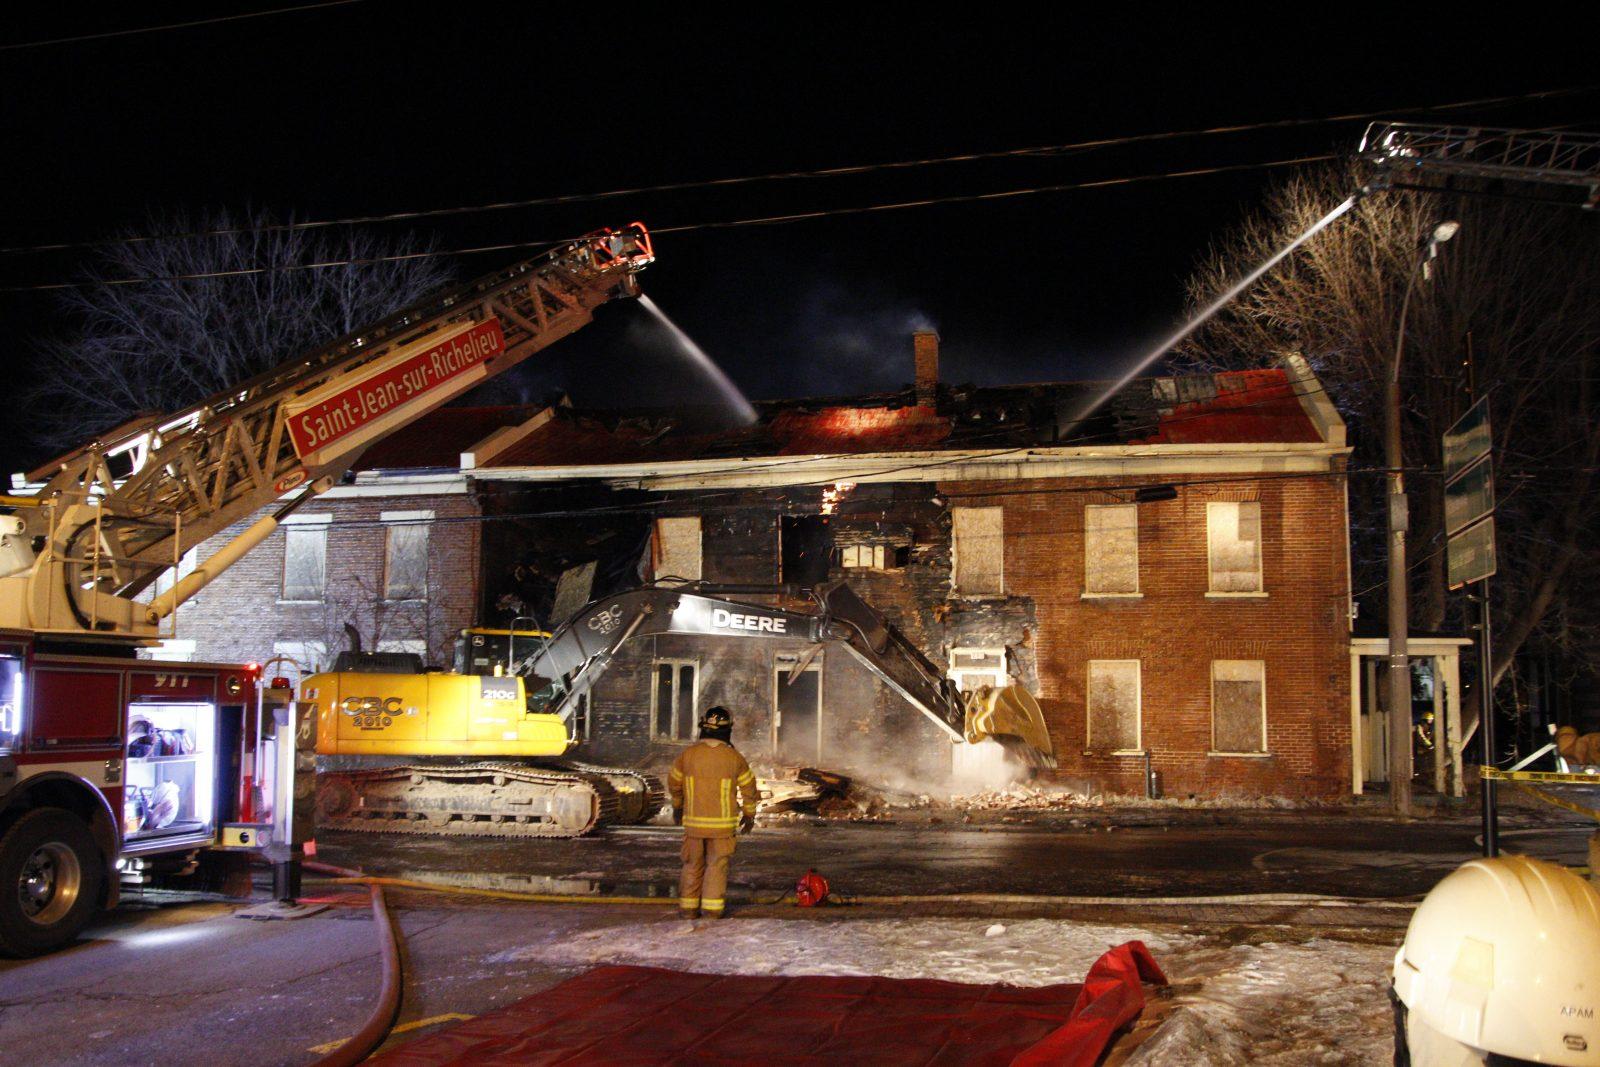 Un bâtiment patrimonial ravagé par un incendie, puis démoli